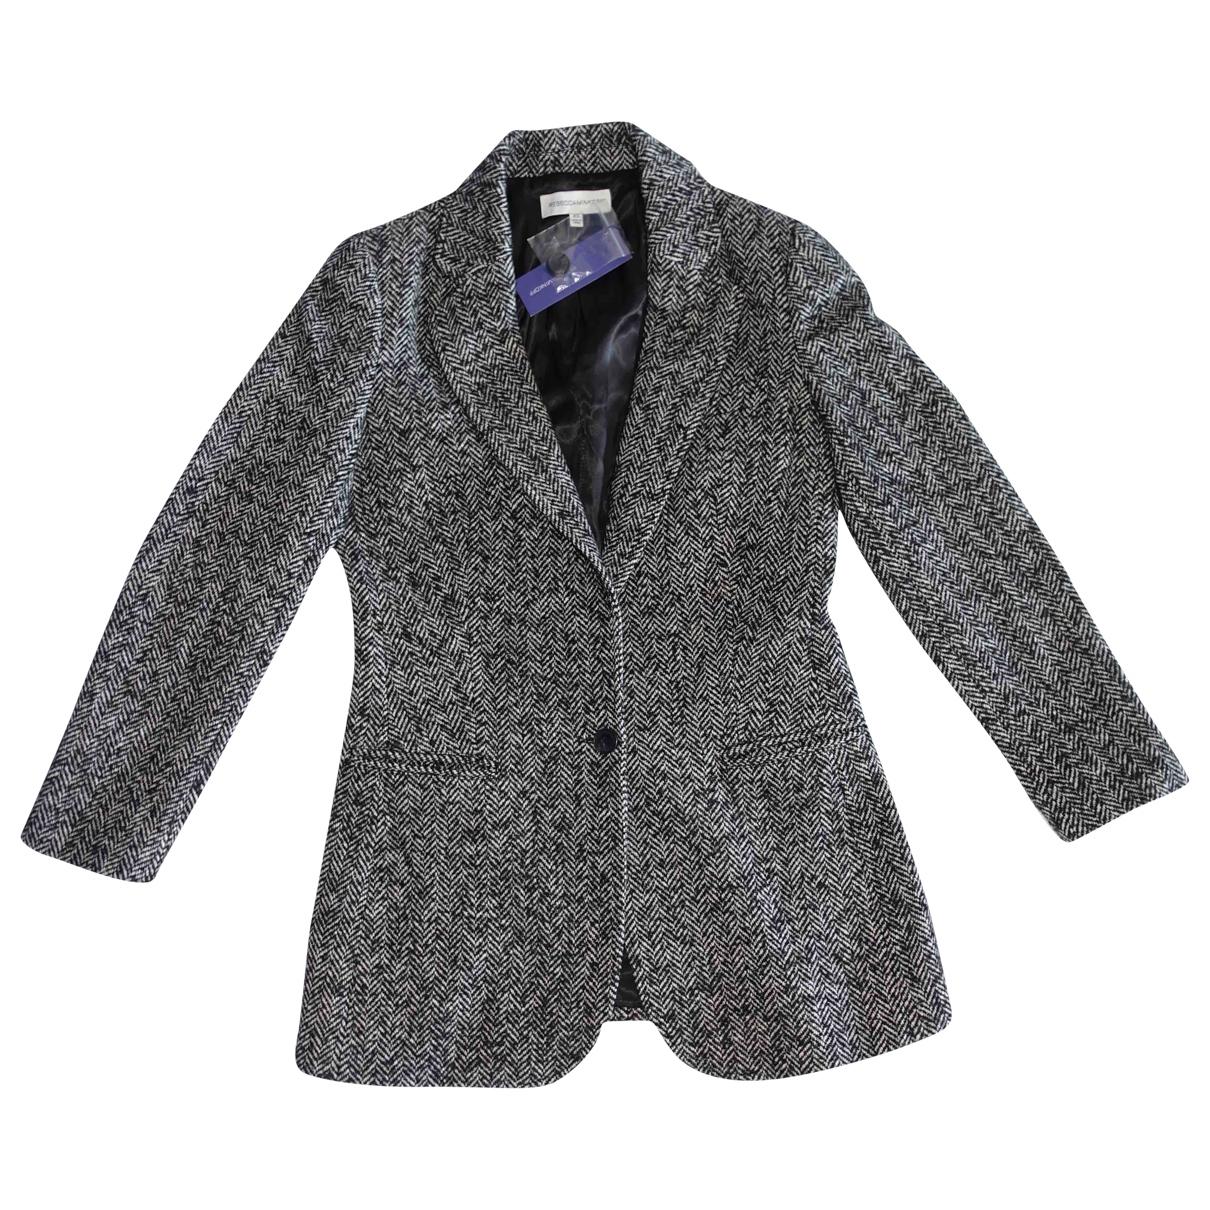 Rebecca Minkoff \N Grey Wool jacket for Women XS International